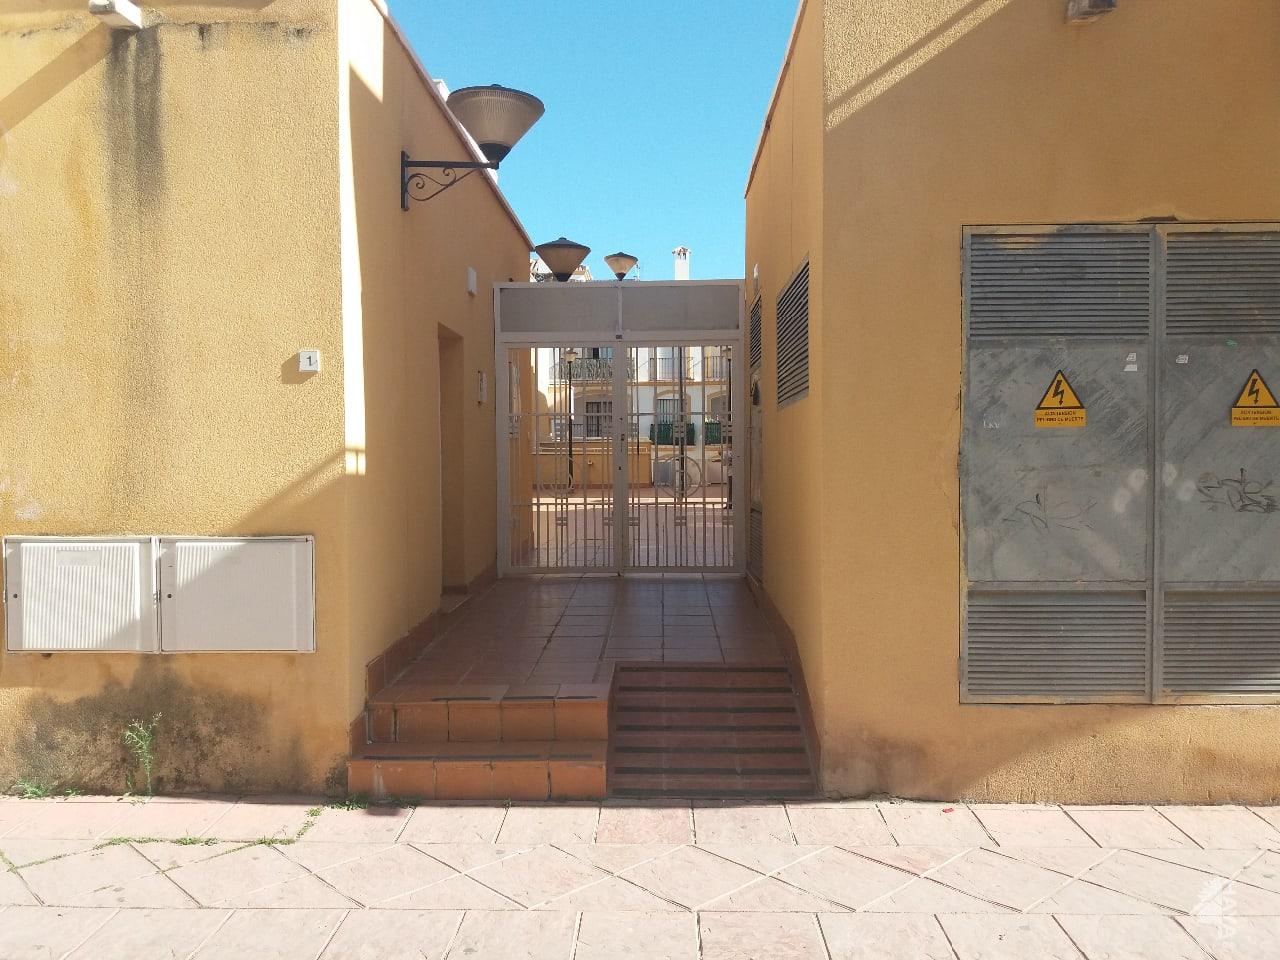 Piso en venta en Vera, Almería, Calle Celia Vias, 84.210 €, 2 habitaciones, 1 baño, 102 m2